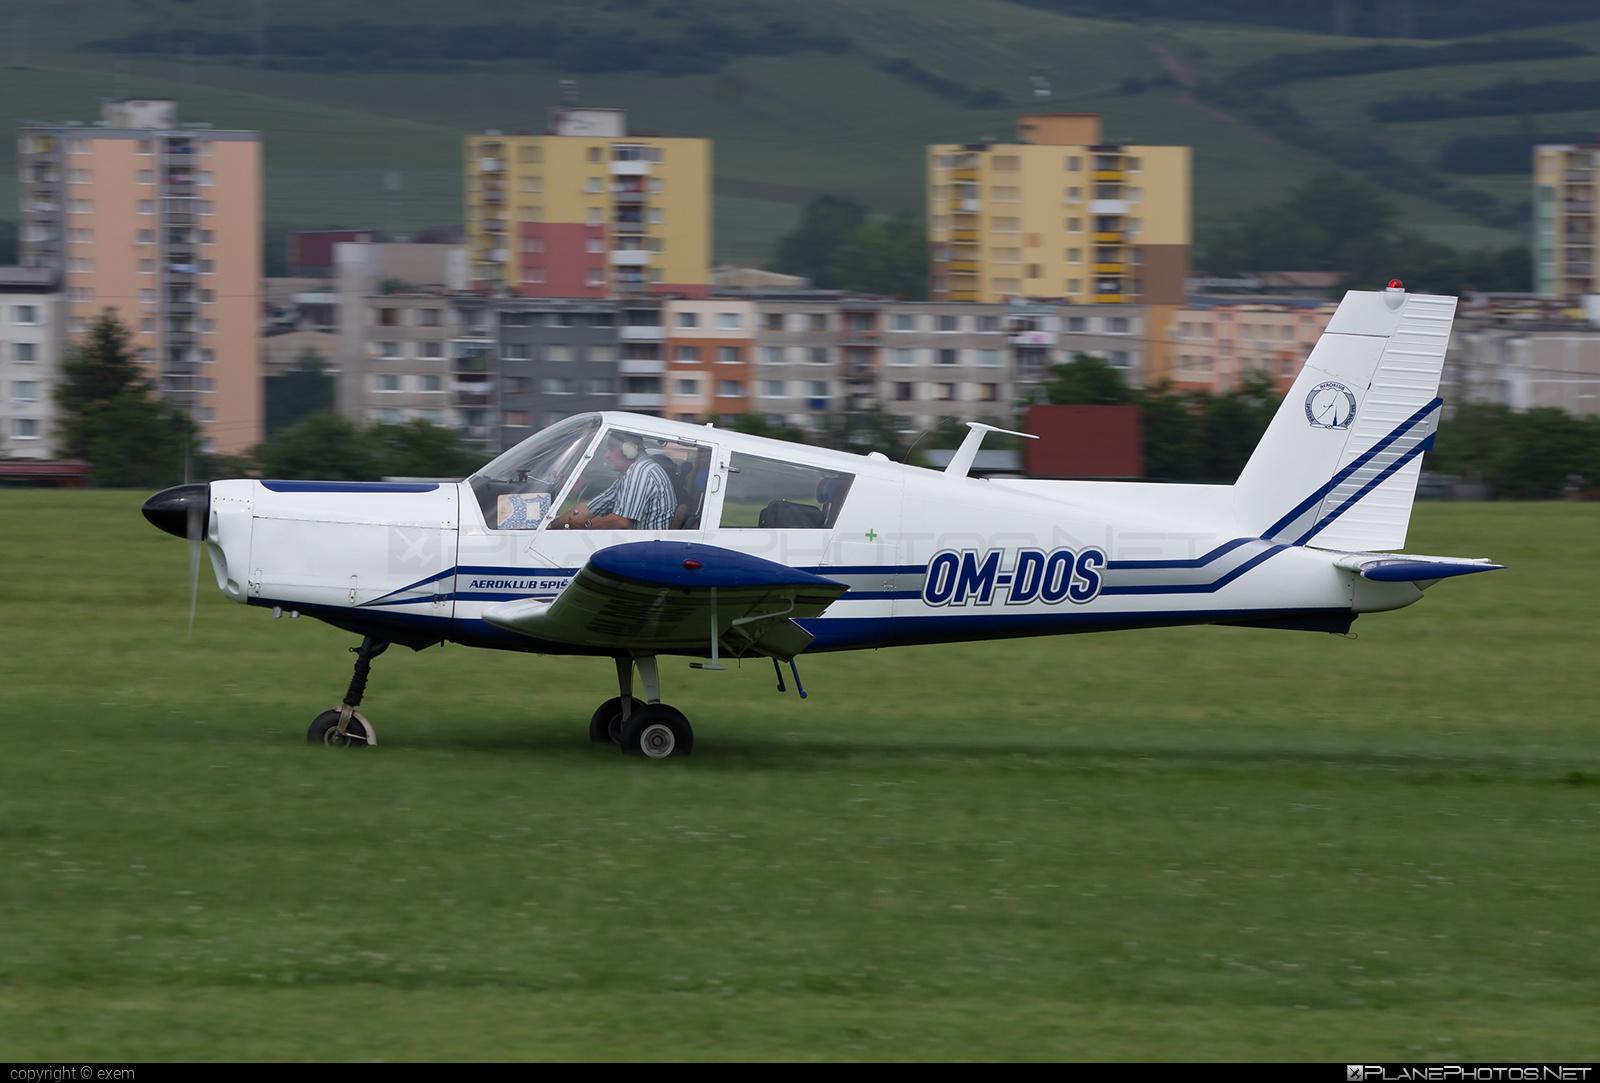 Aeroklub Spišská Nová Ves Zlin Z-43 - OM-DOS #z43 #zlin #zlin43